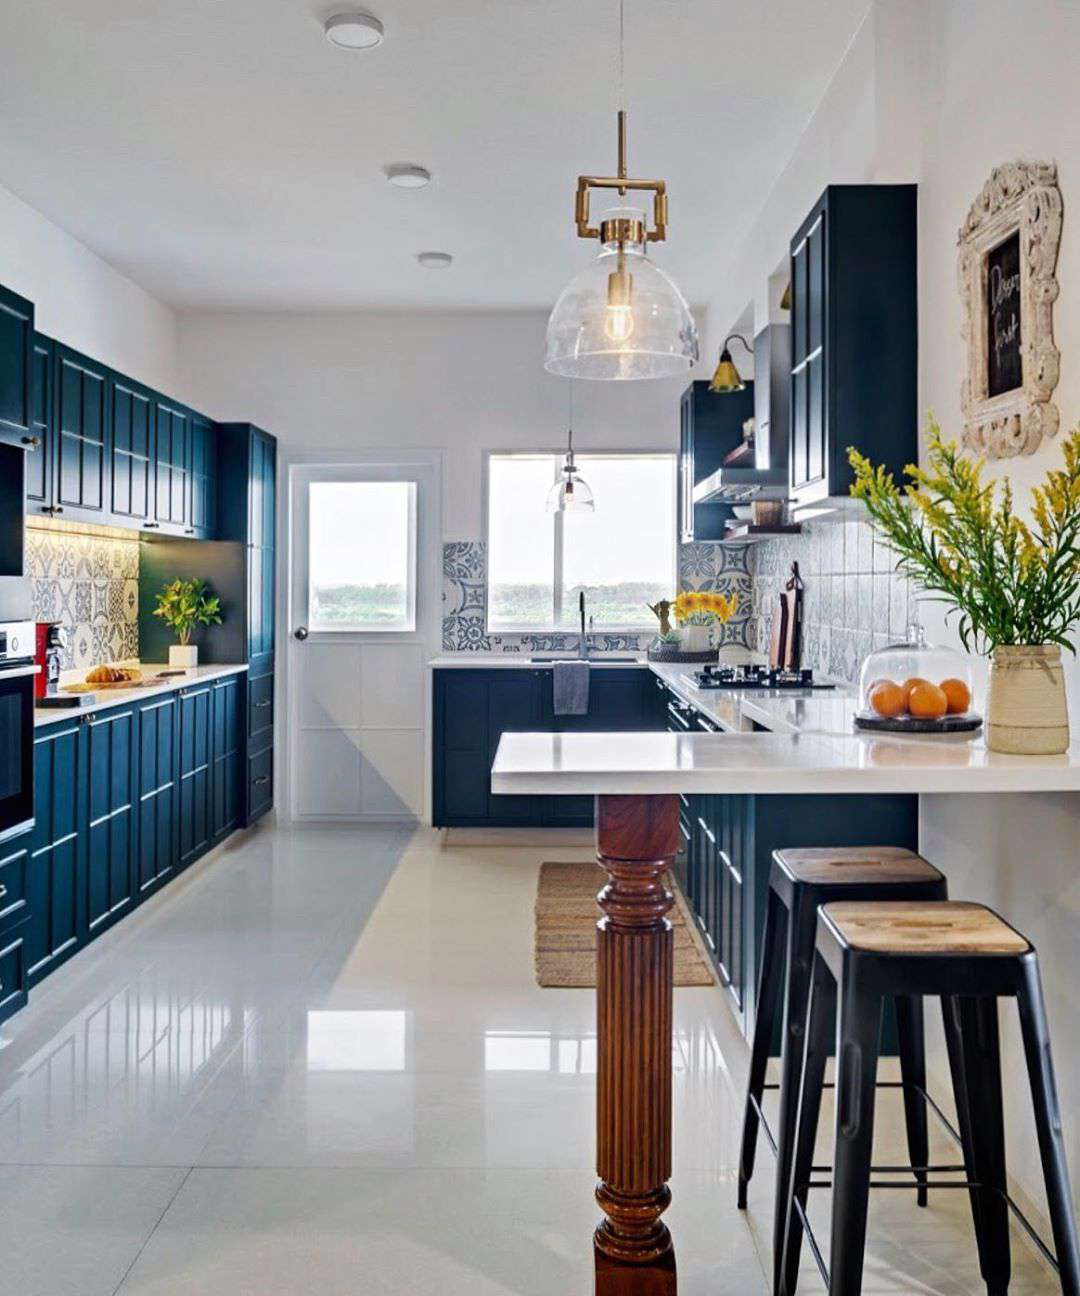 Blue kitchen with breakfast bar